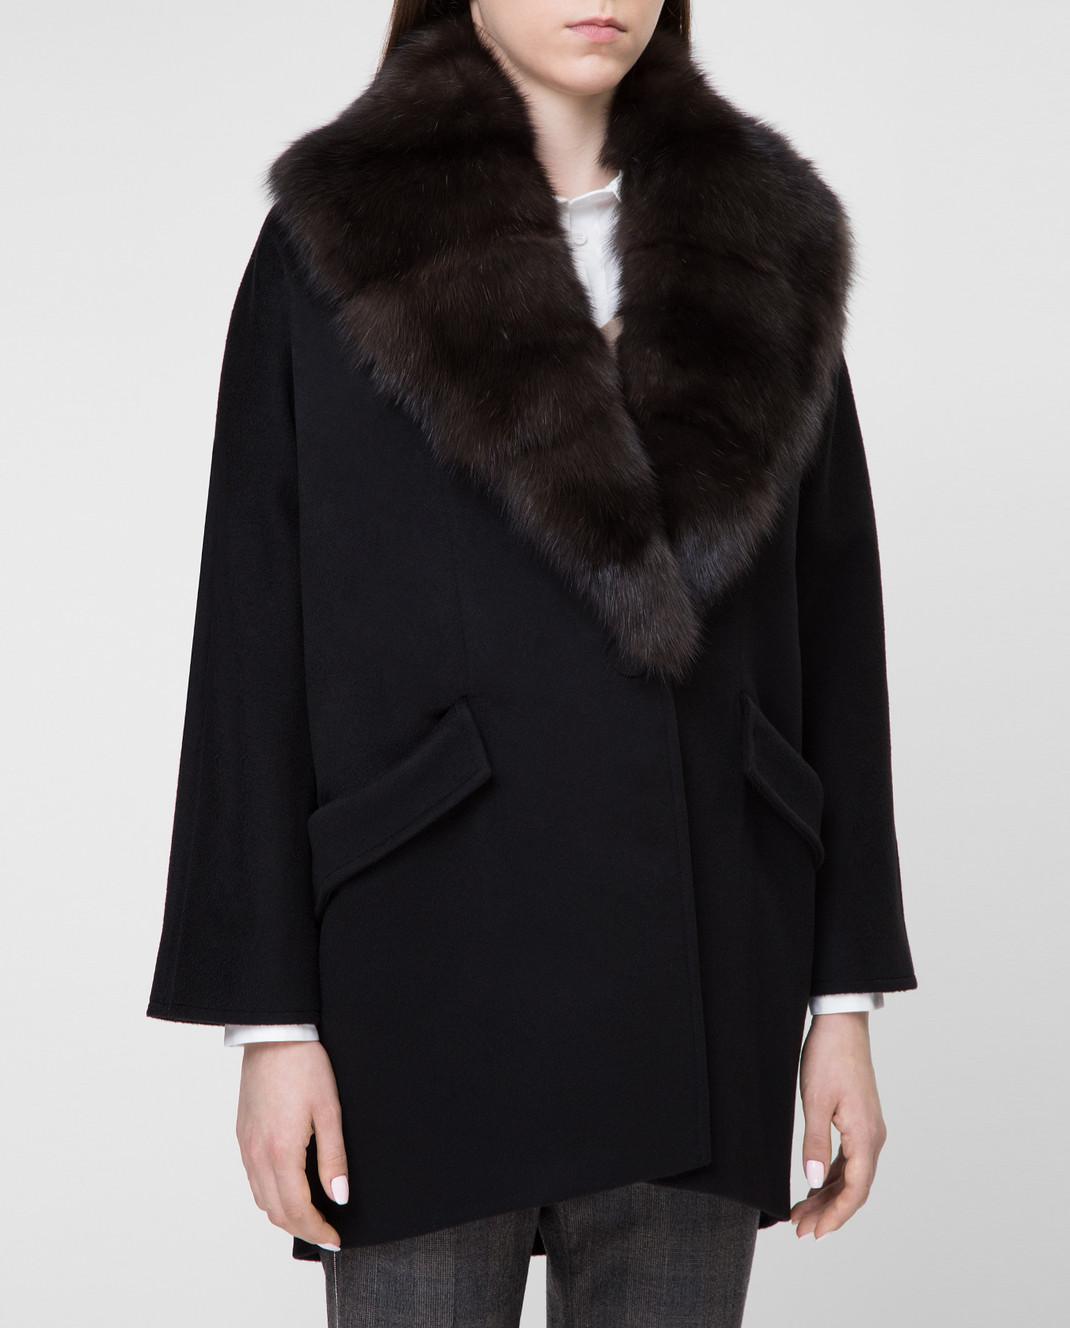 Real Furs House Пальто со съемным мехом QSR433 изображение 3